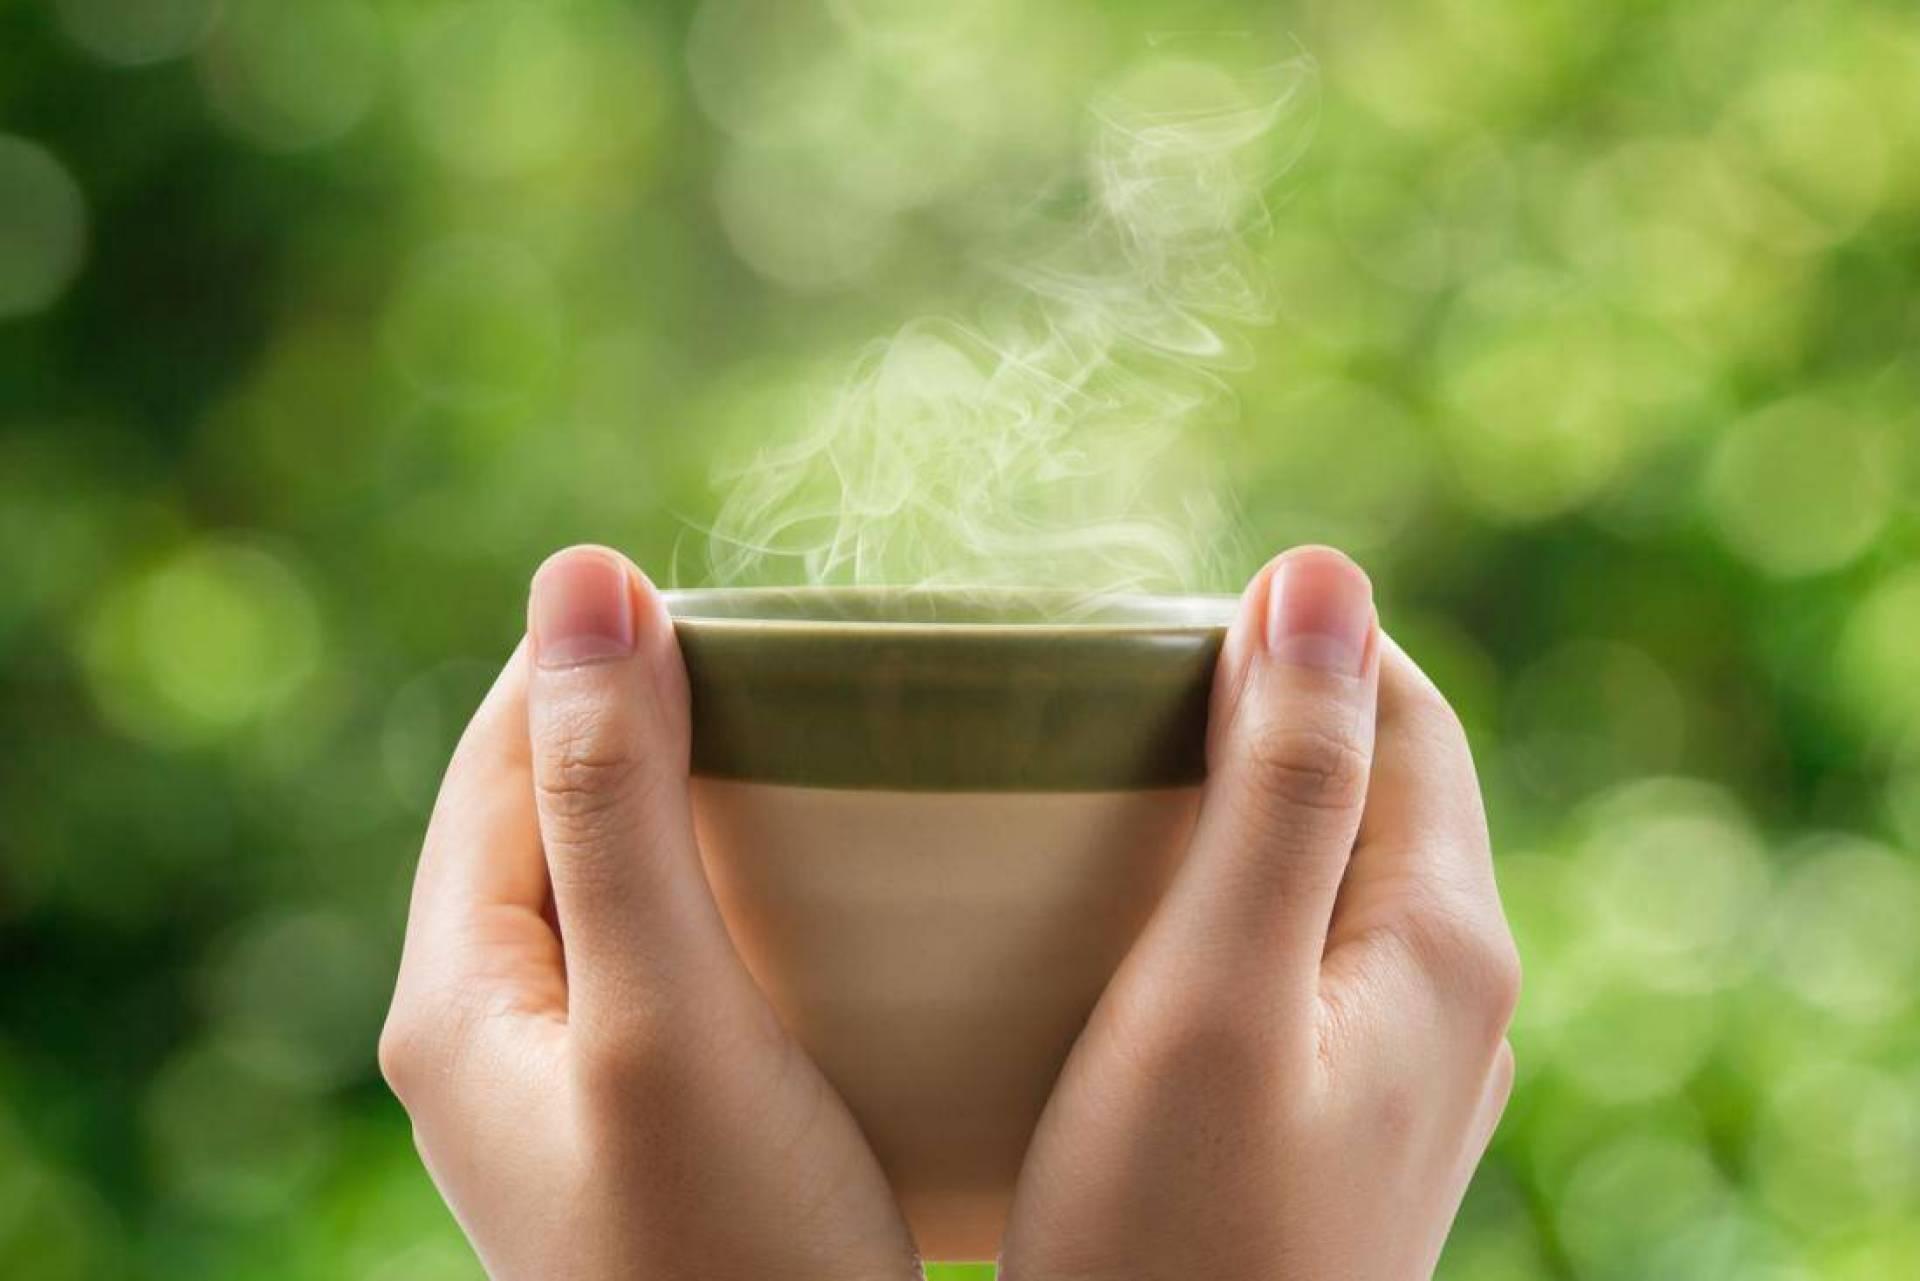 رجيم الشاي بالتفاح... هذه طريقة شربه لخسارة الوزن